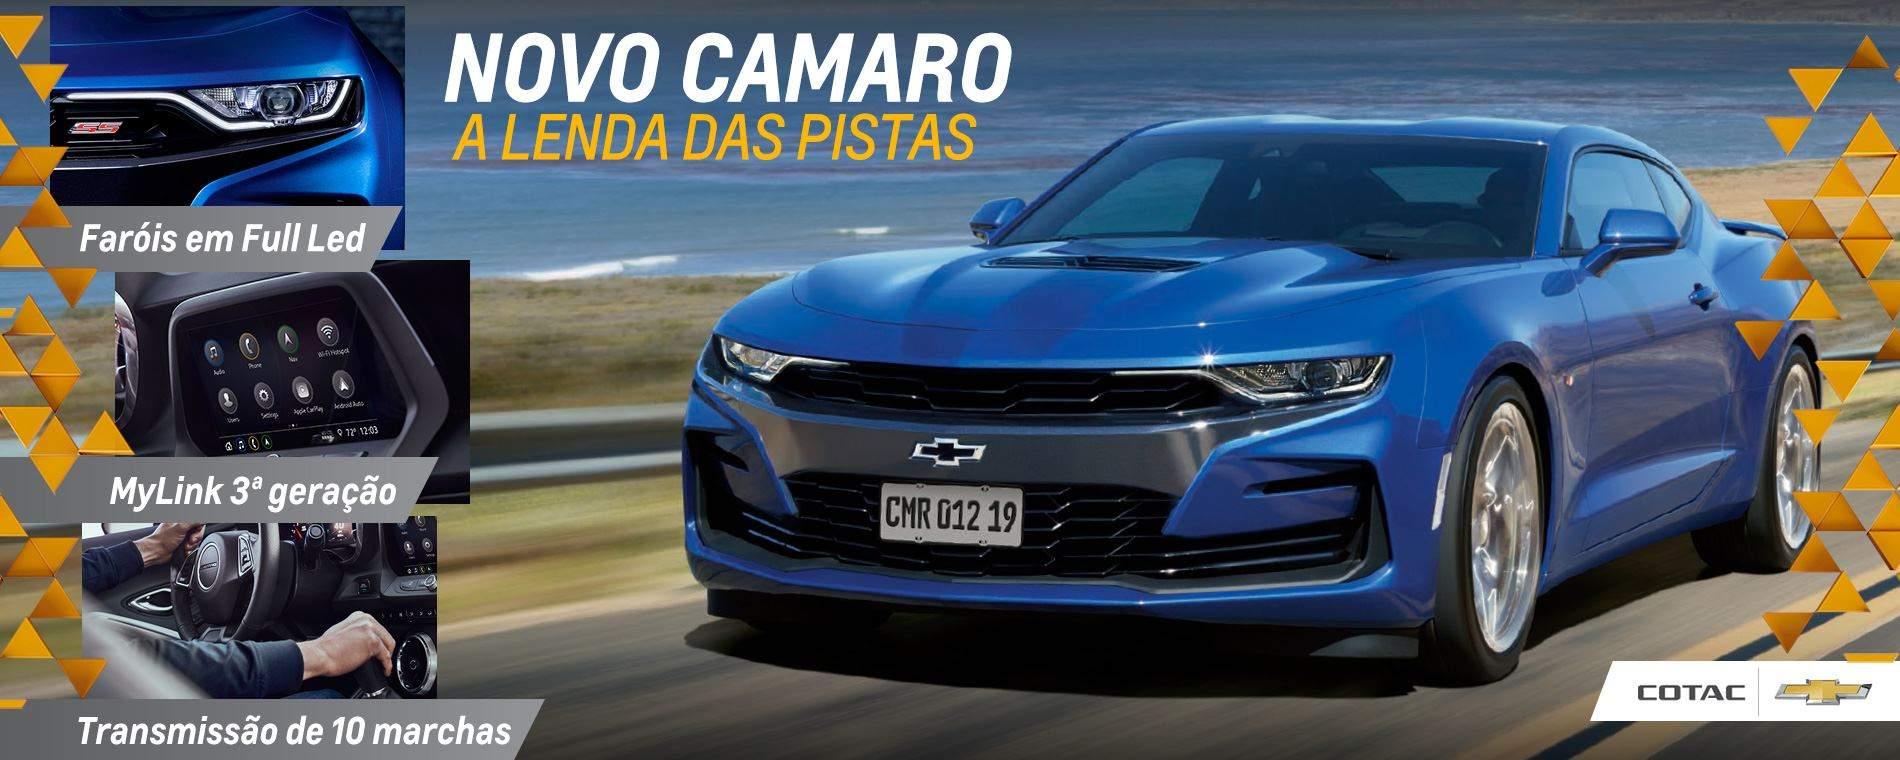 Novo Camaro Cupê: Encontre a lenda das pistas na Chevrolet Cotac